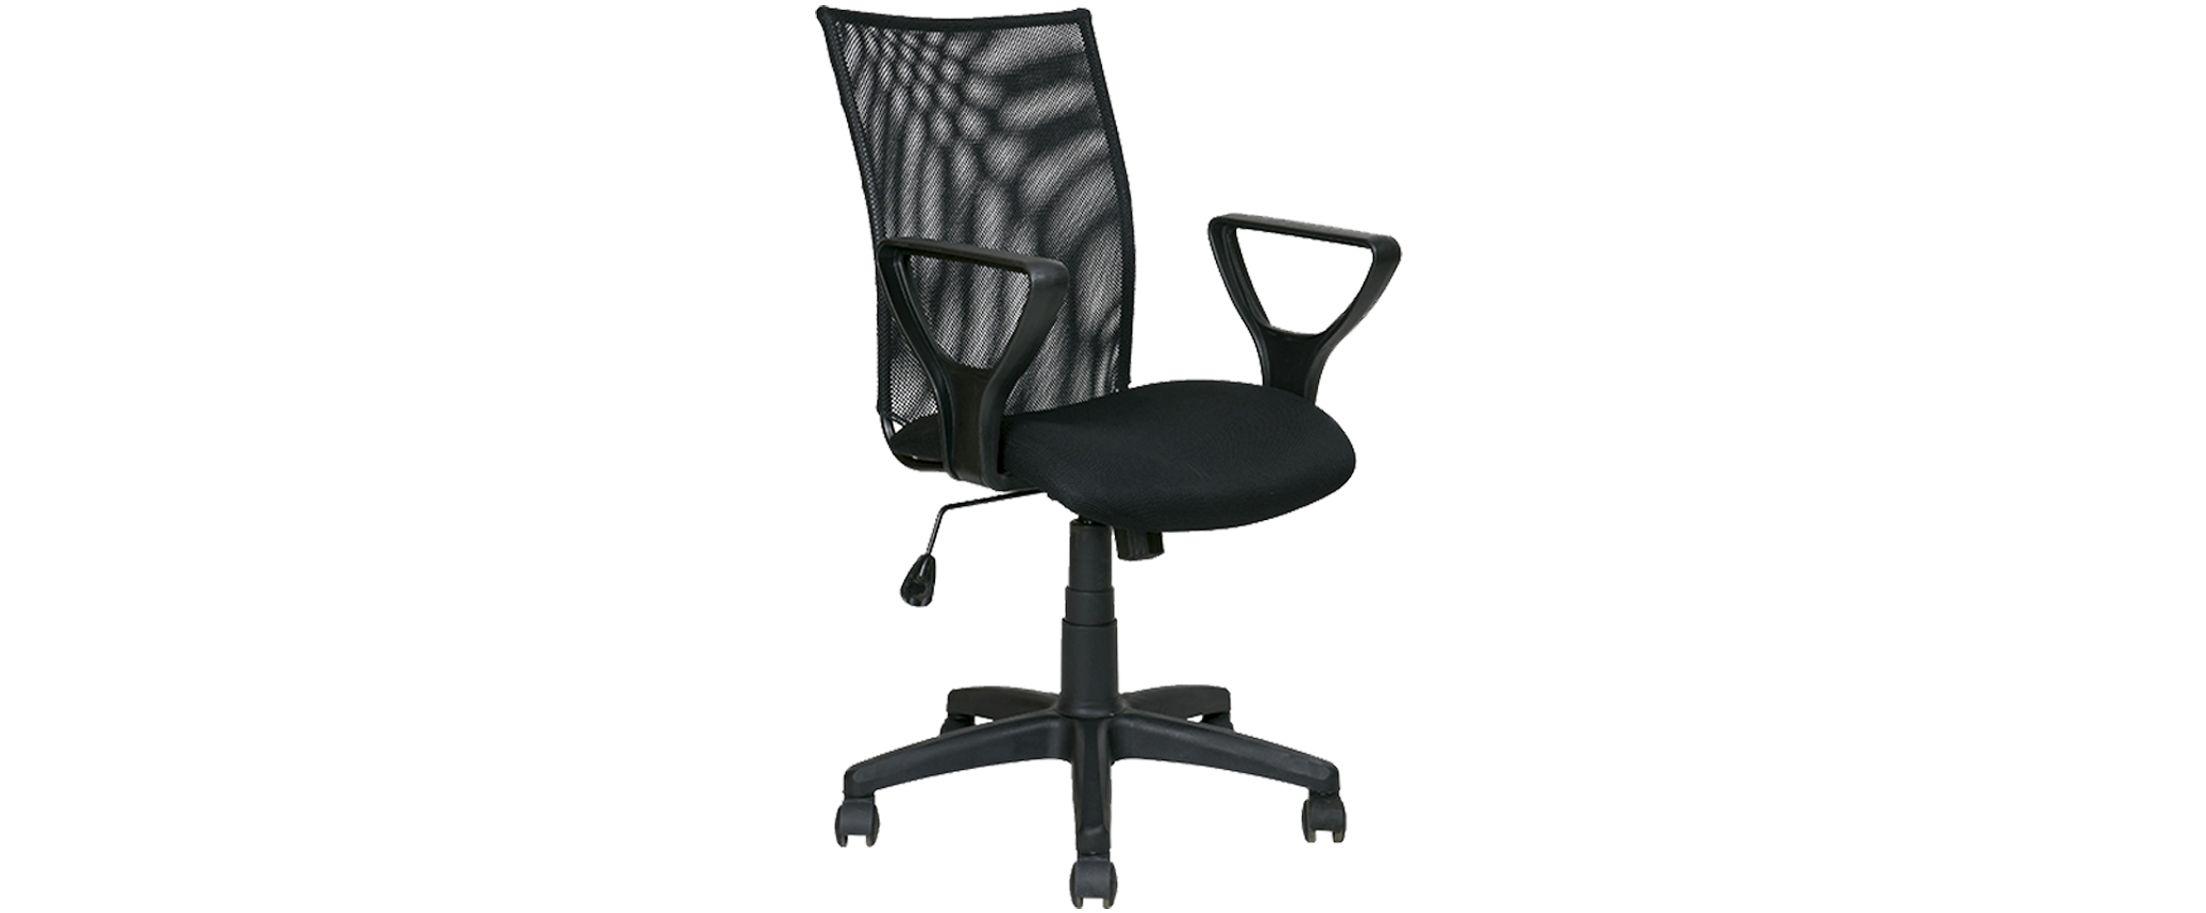 Кресло офисное AV 216 цвет черный Модель 999Кресло офисное AV 216 цвет черный Модель 999. Артикул Д000744<br><br>Ширина см: 50<br>Глубина см: 57<br>Высота см: 99<br>Цвет: Черный